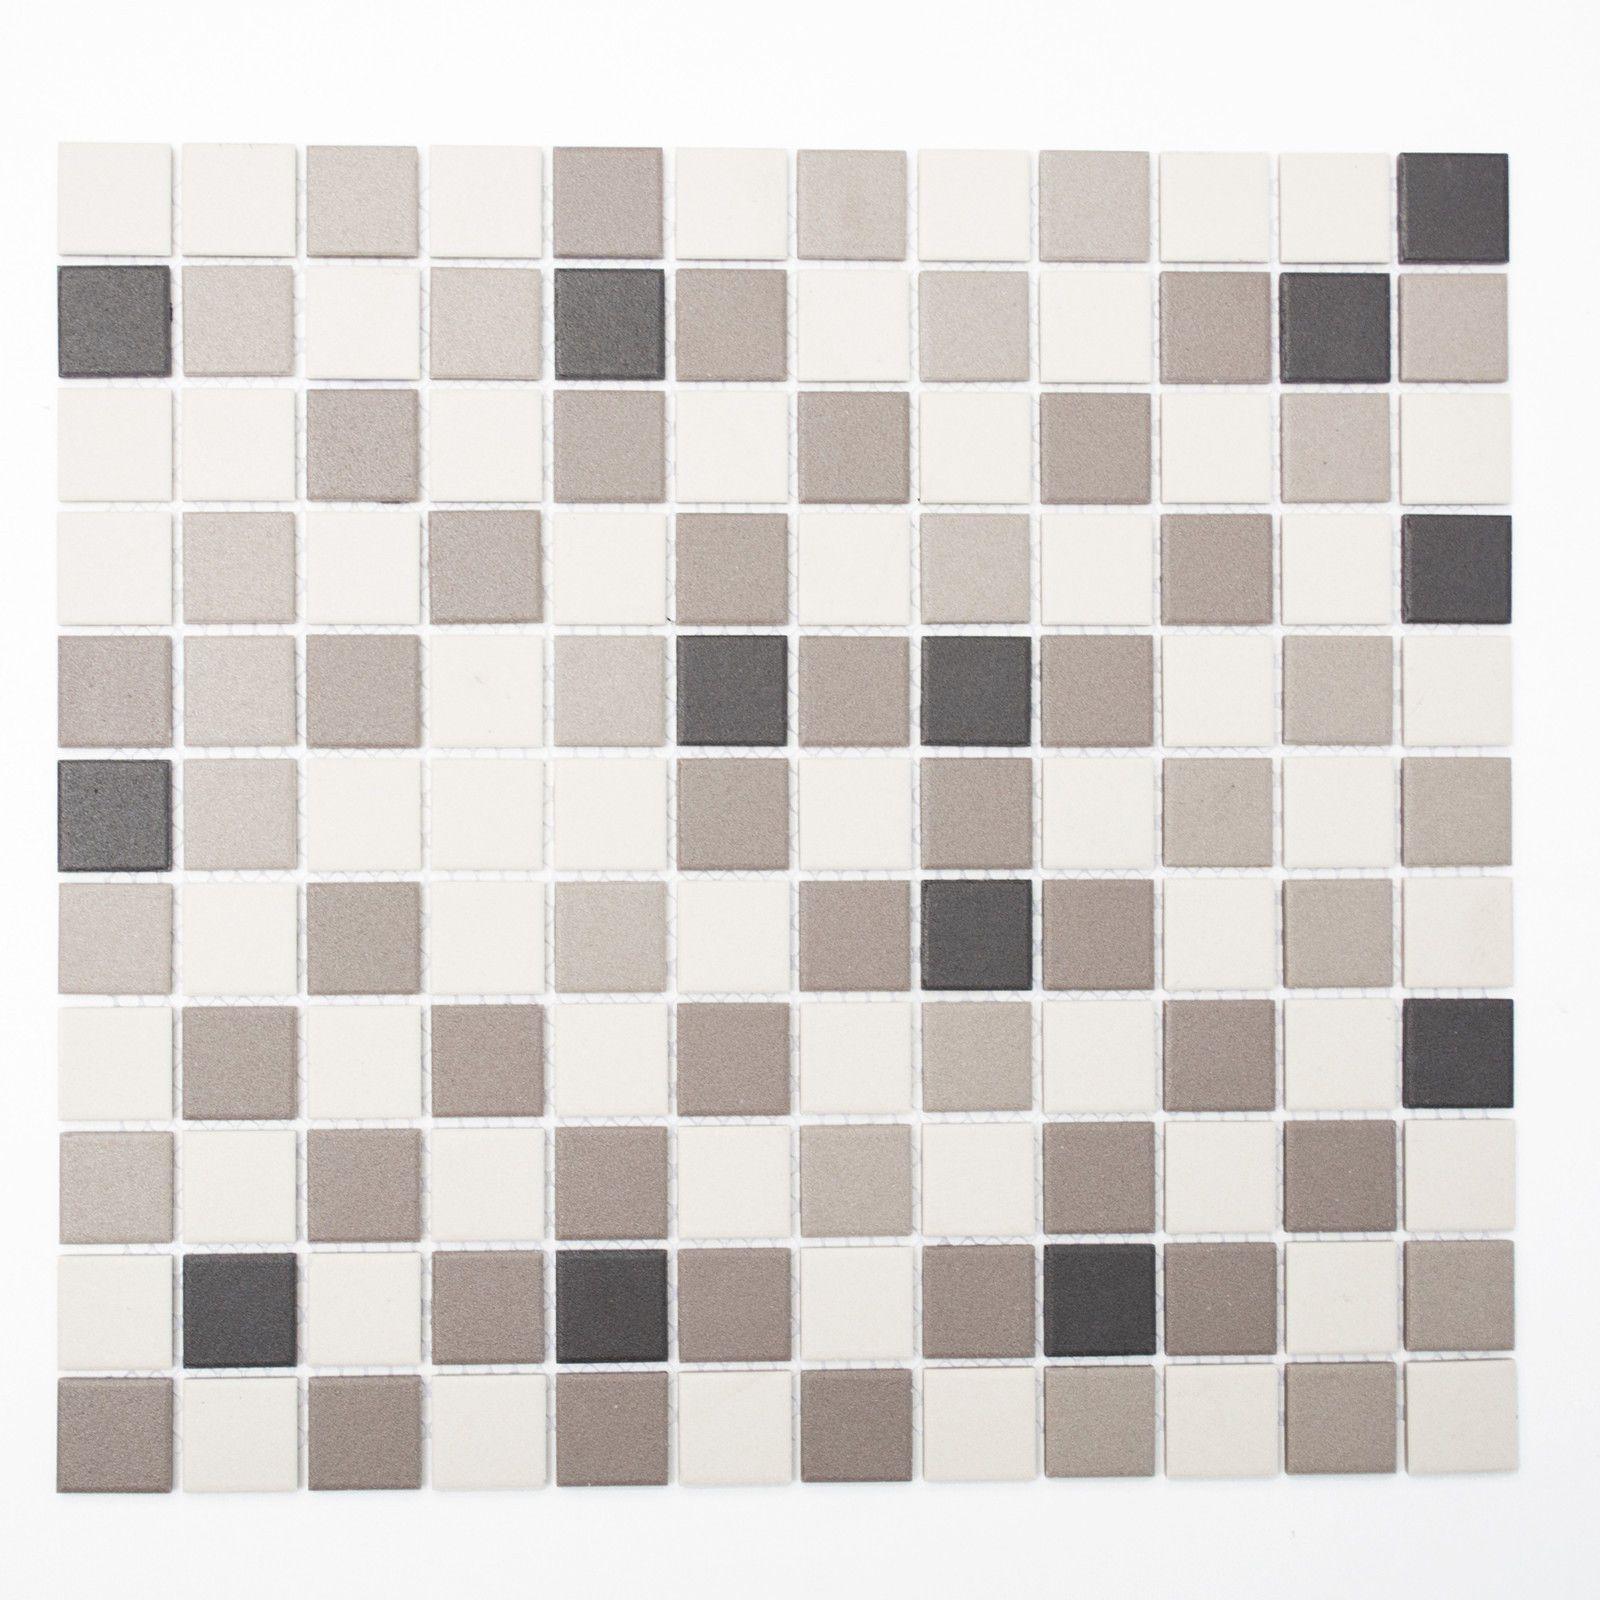 Details Zu Fliesen Mosaikfliesen Keramik Boden Bad Küche WC Mm Weiß - Mosaik fliesen draußen